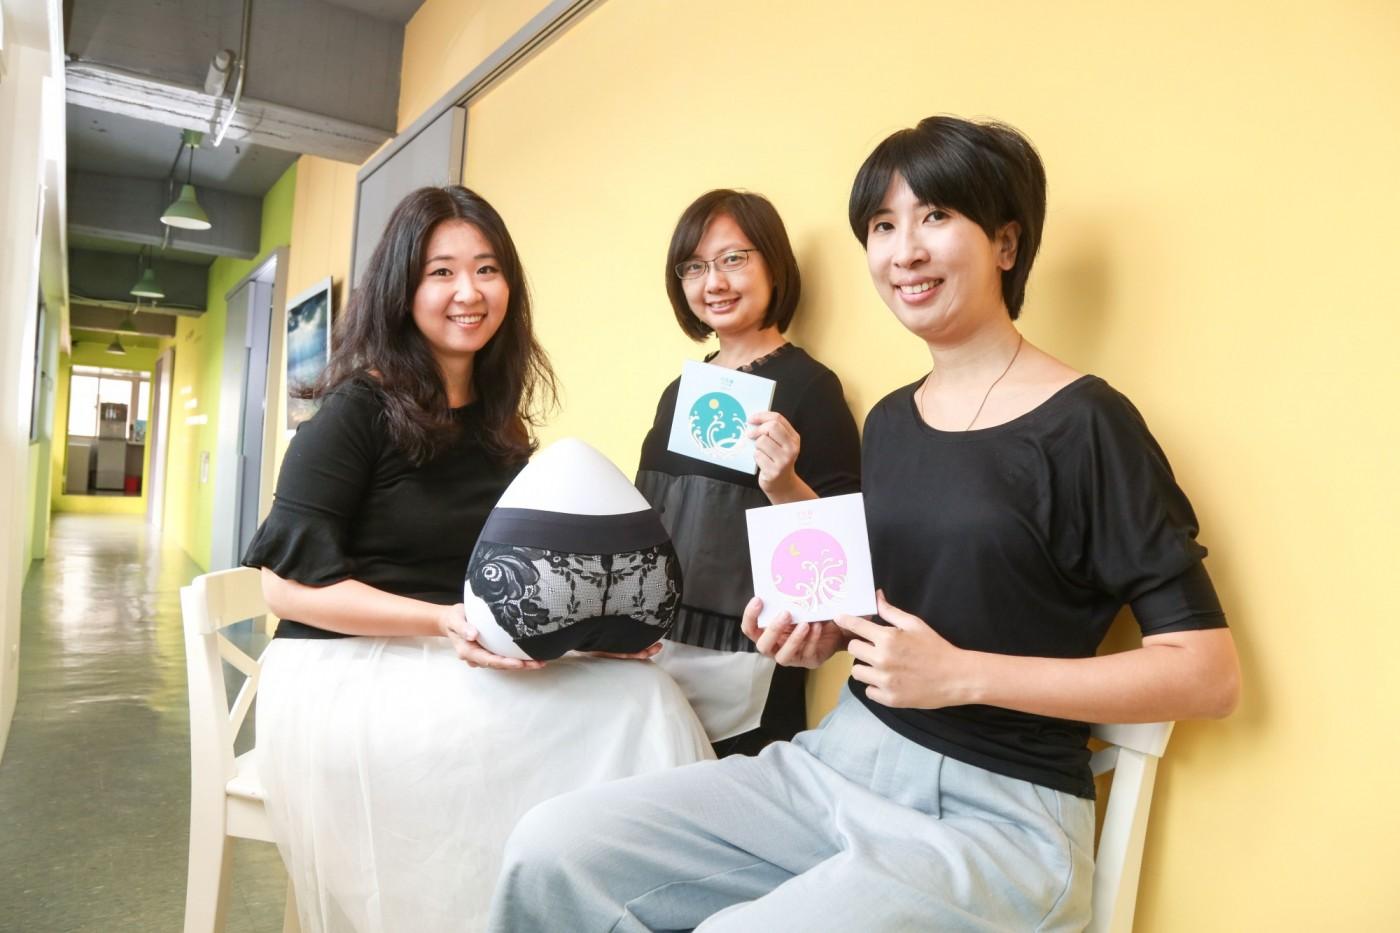 接住每個妳流血的時刻——望月女子給台灣女生「衛生棉以外」的解答